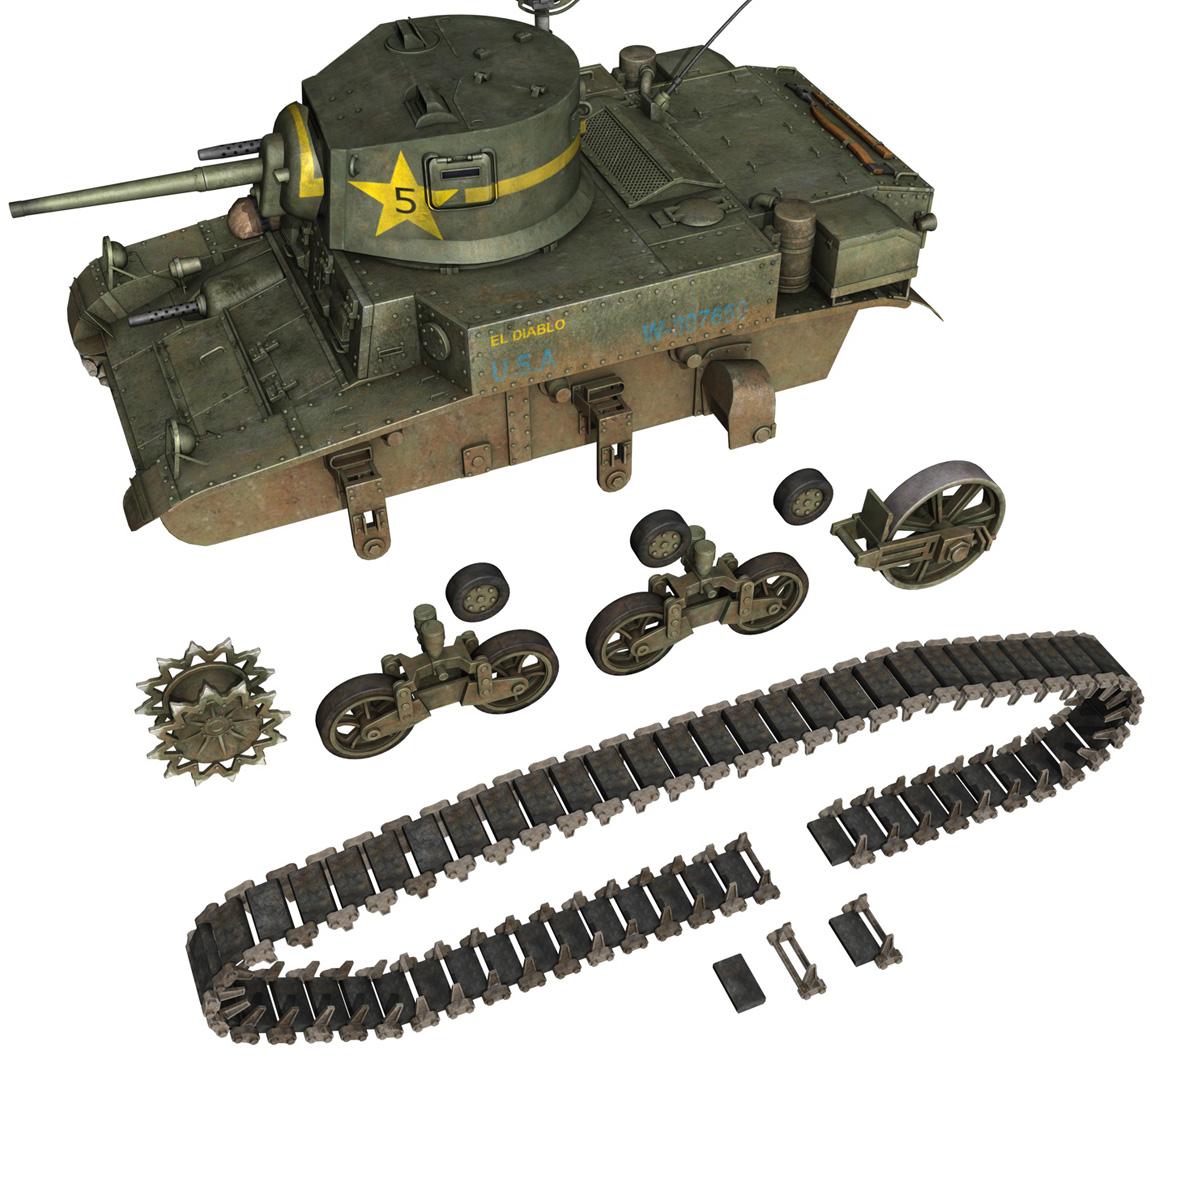 m3 light tank stuart – el diablo 3d model 3ds c4d fbx lwo lw lws obj 265361